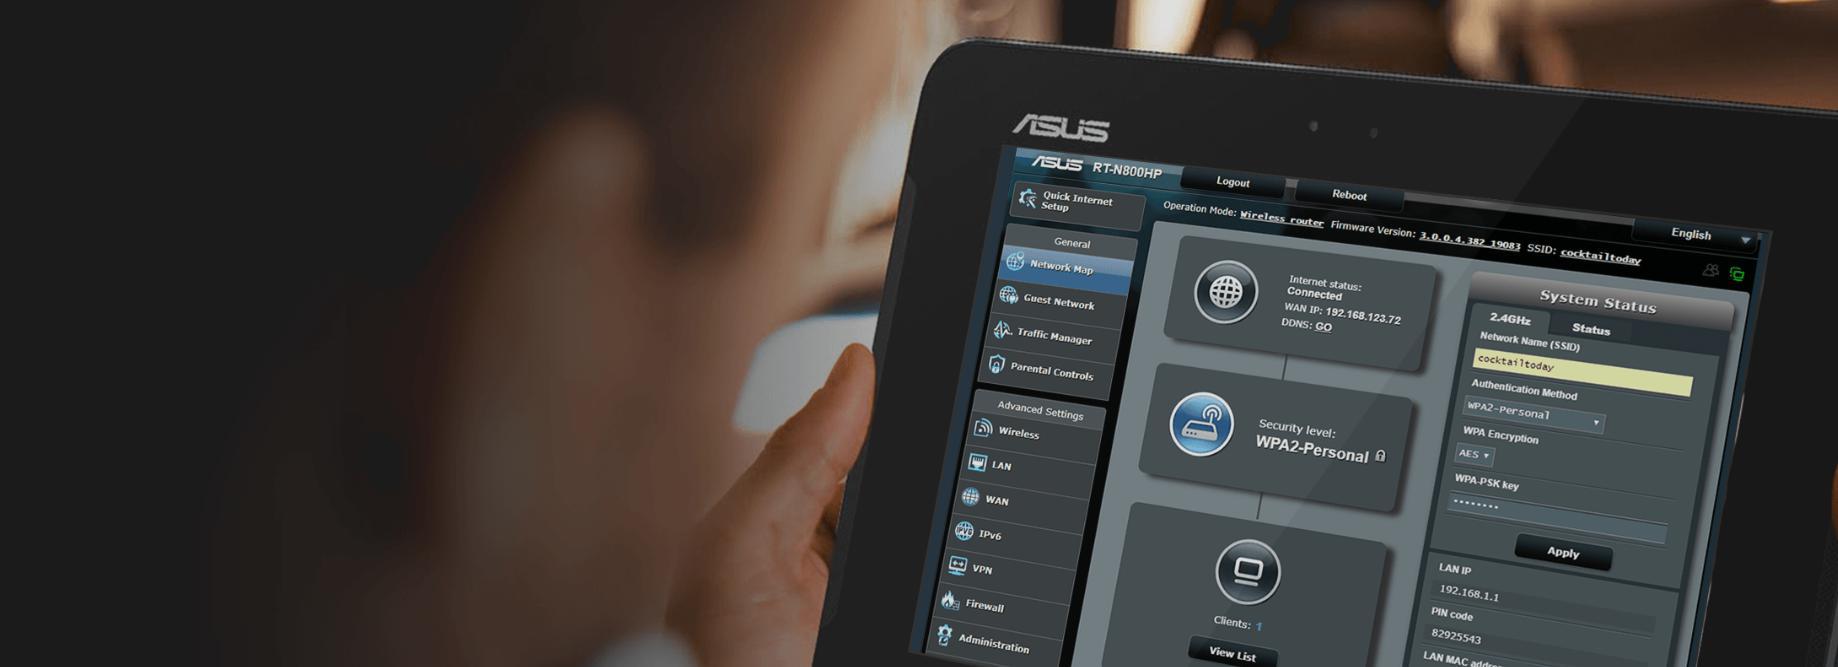 Thiết bị mạng Asus RT-N800HP-2